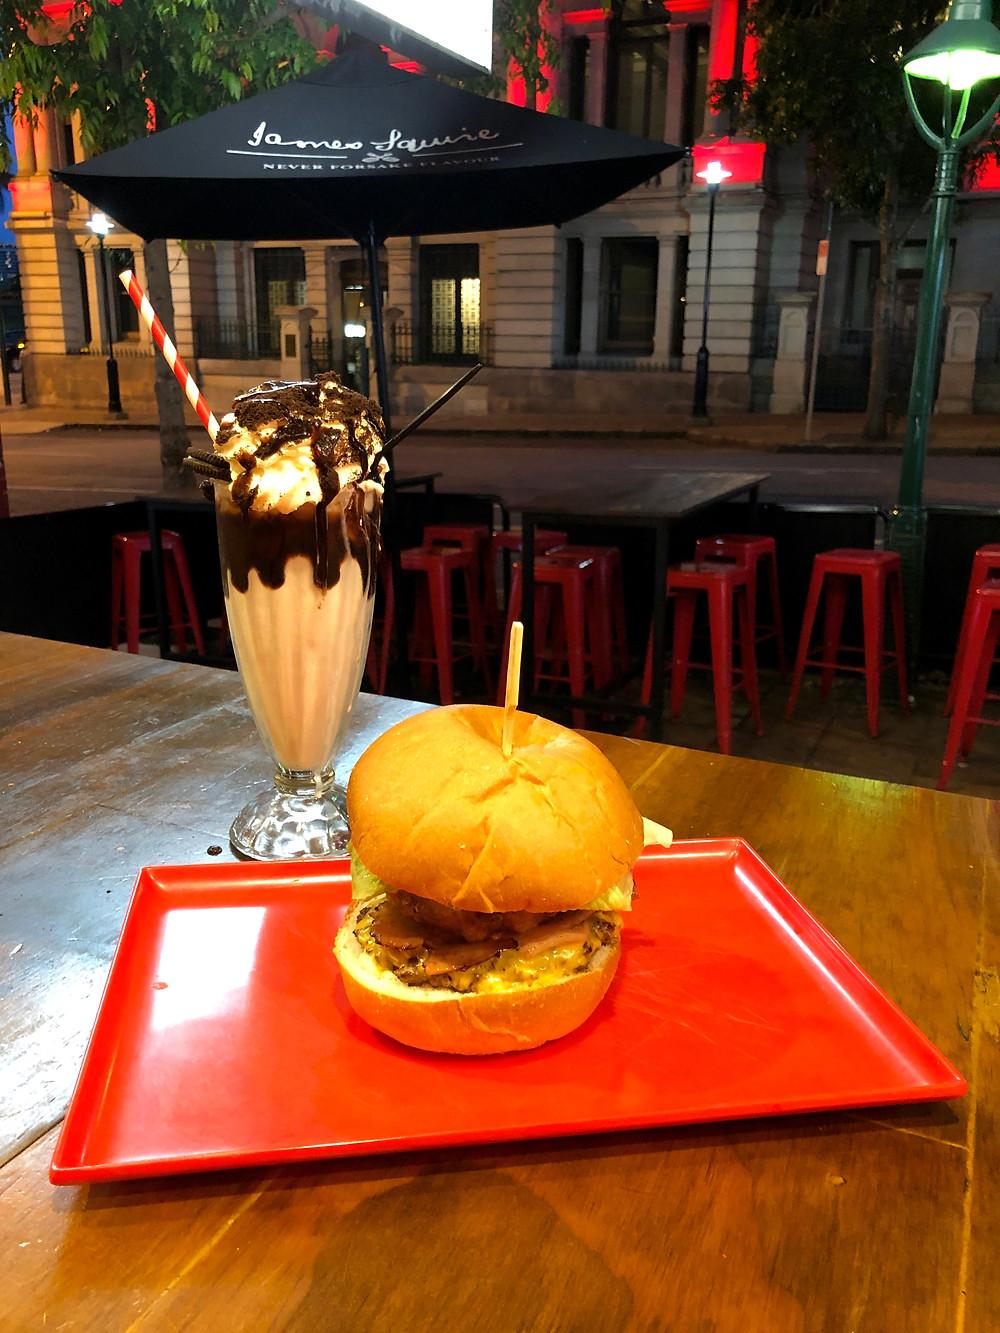 Burger and a milkshake at Miss Kay's